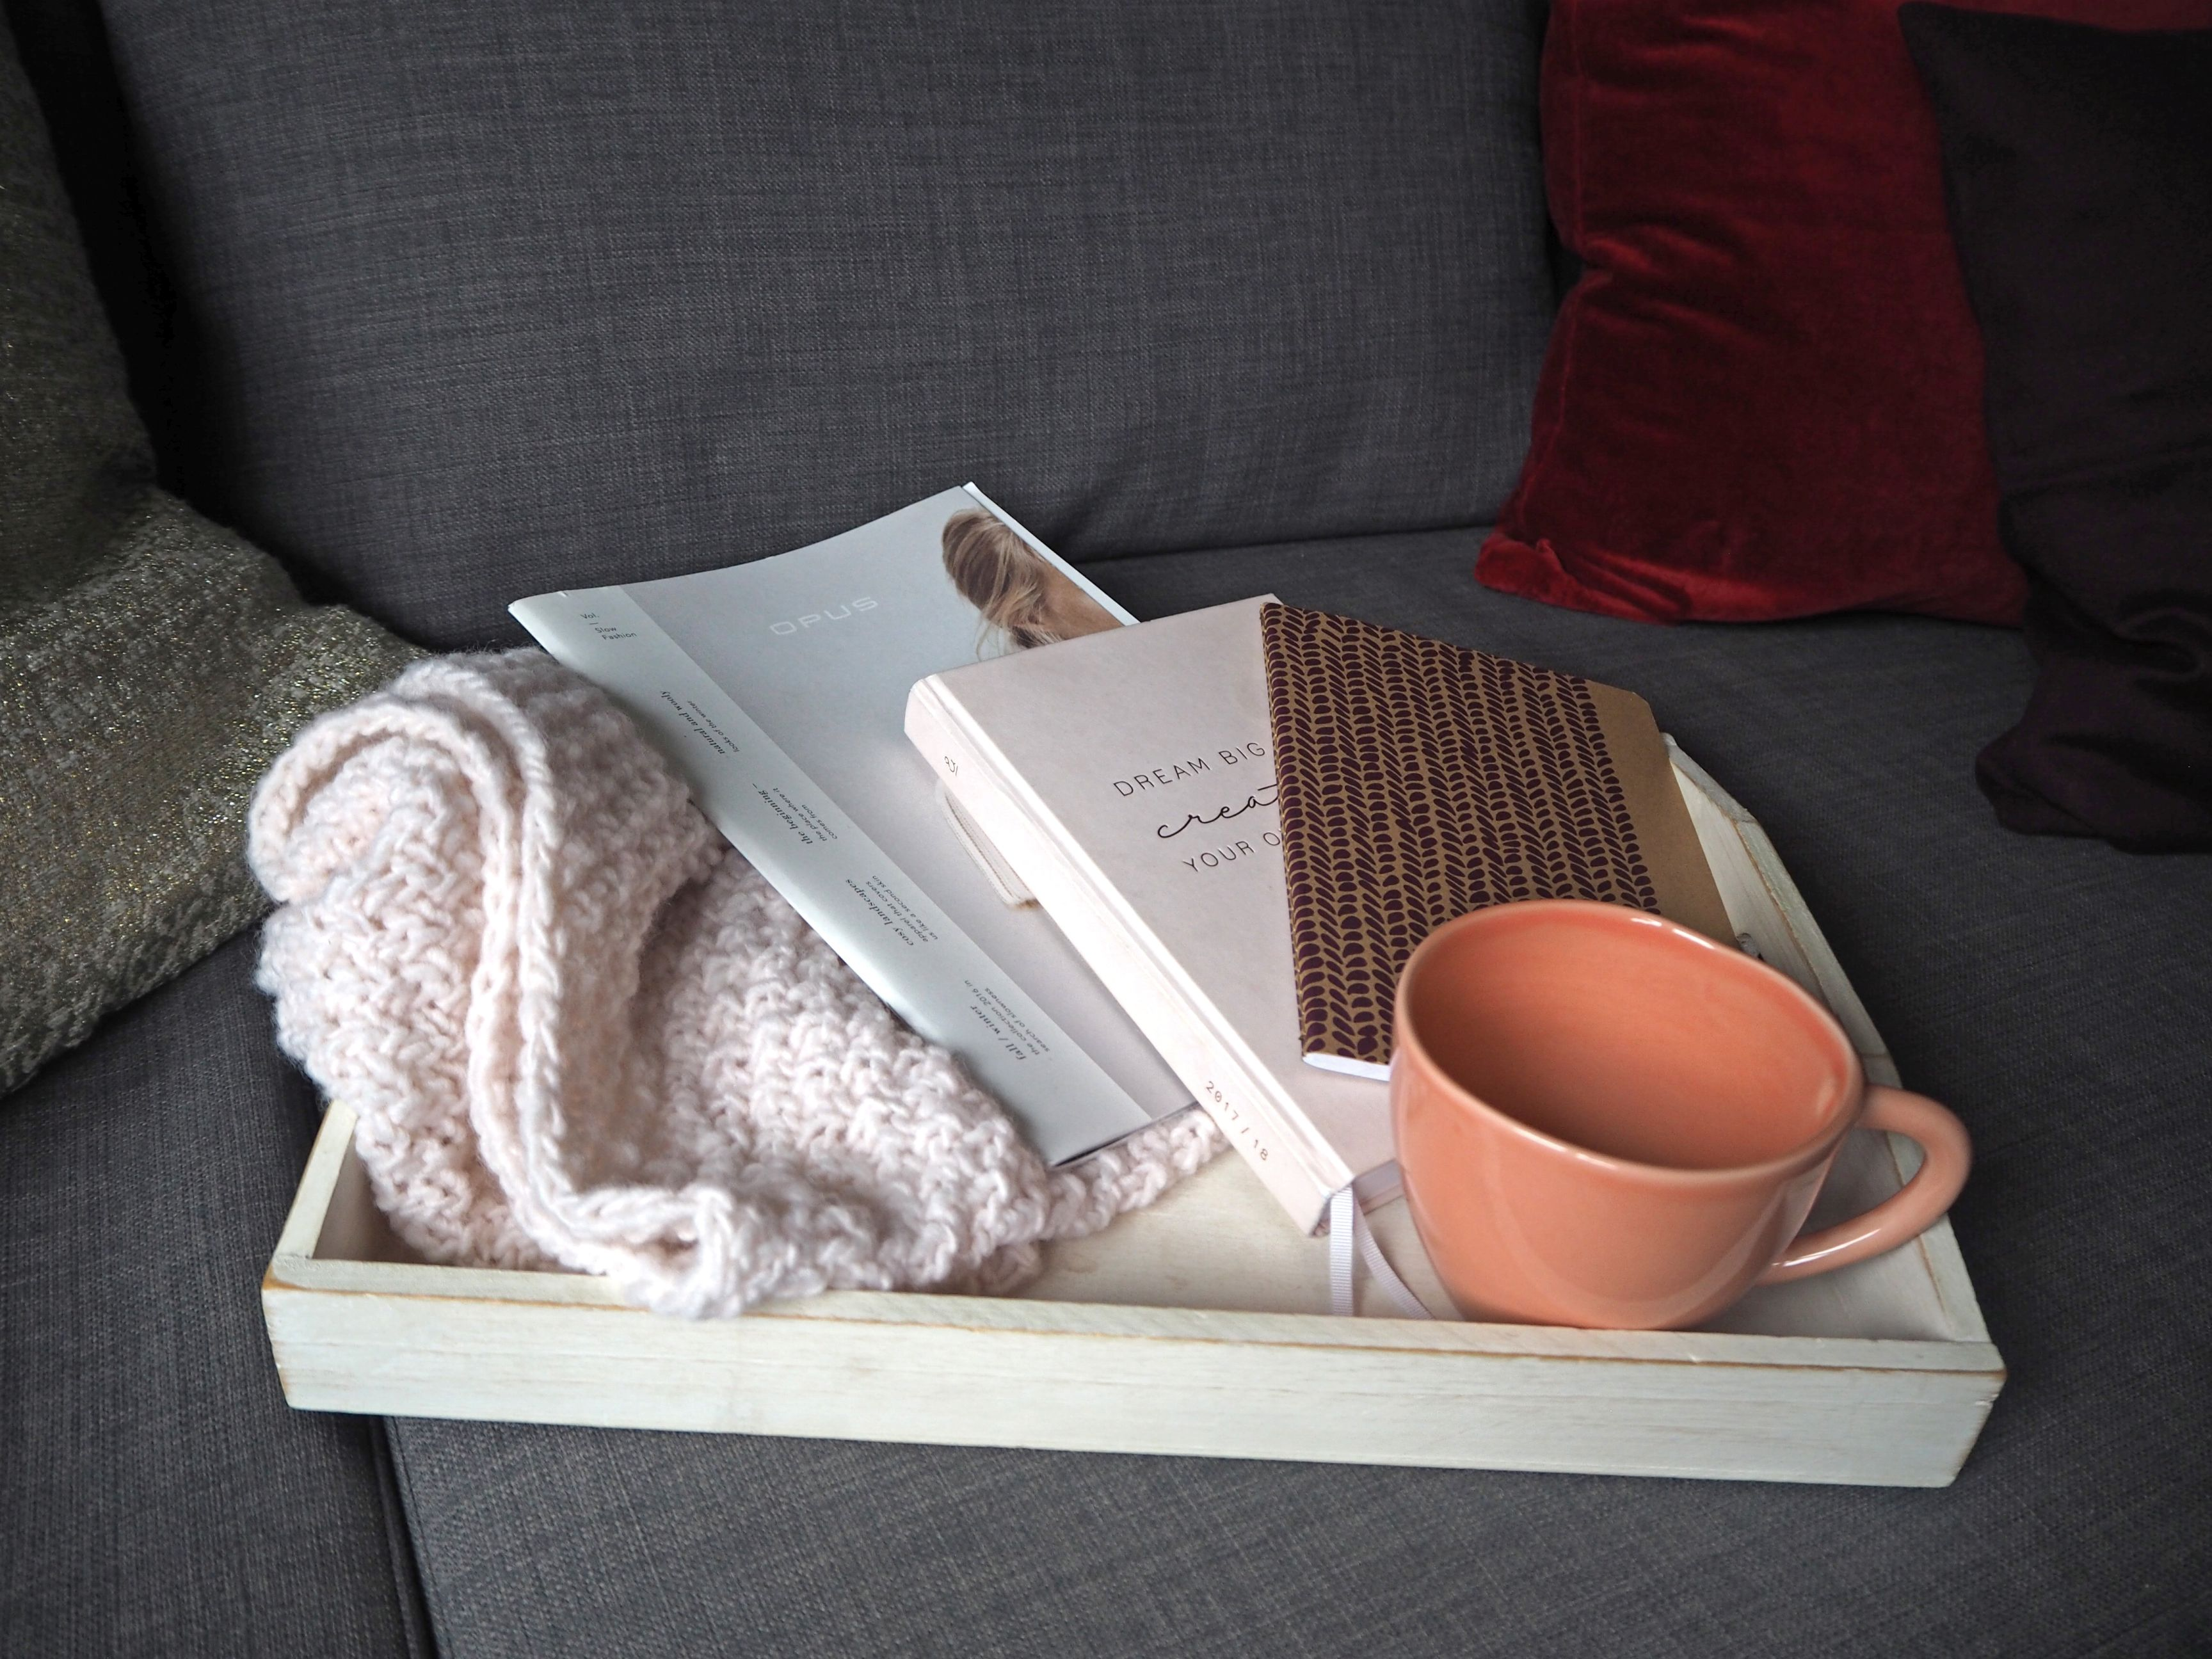 2018-skoen-och-kreativ-interior-god-jul-klassisches-rot-fuer-weihnachten-wohnzimmer (10)